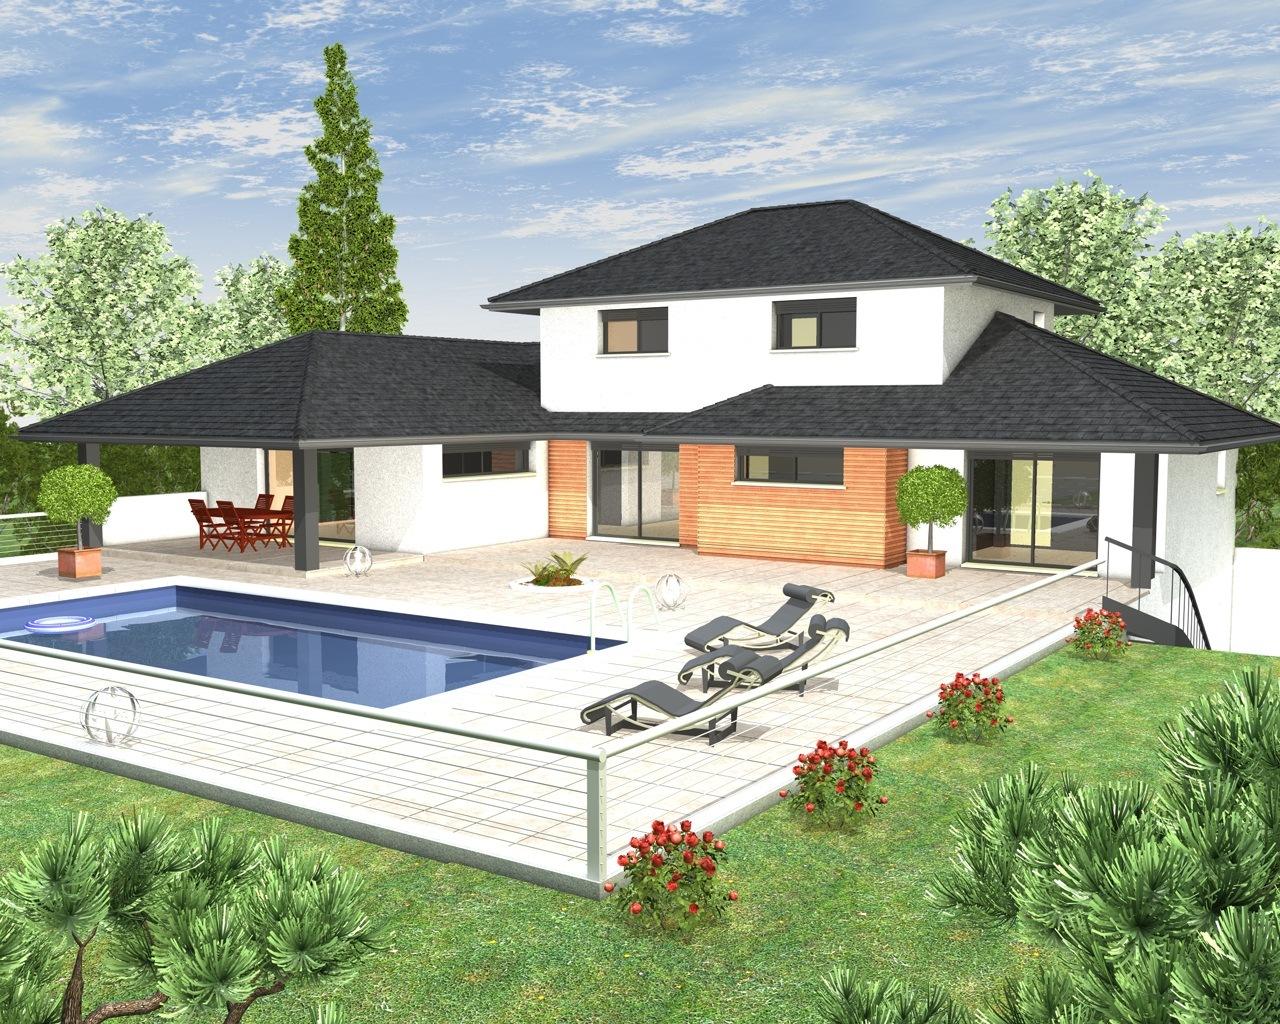 Maison etage sous sol - Plans de maisons modernes ...